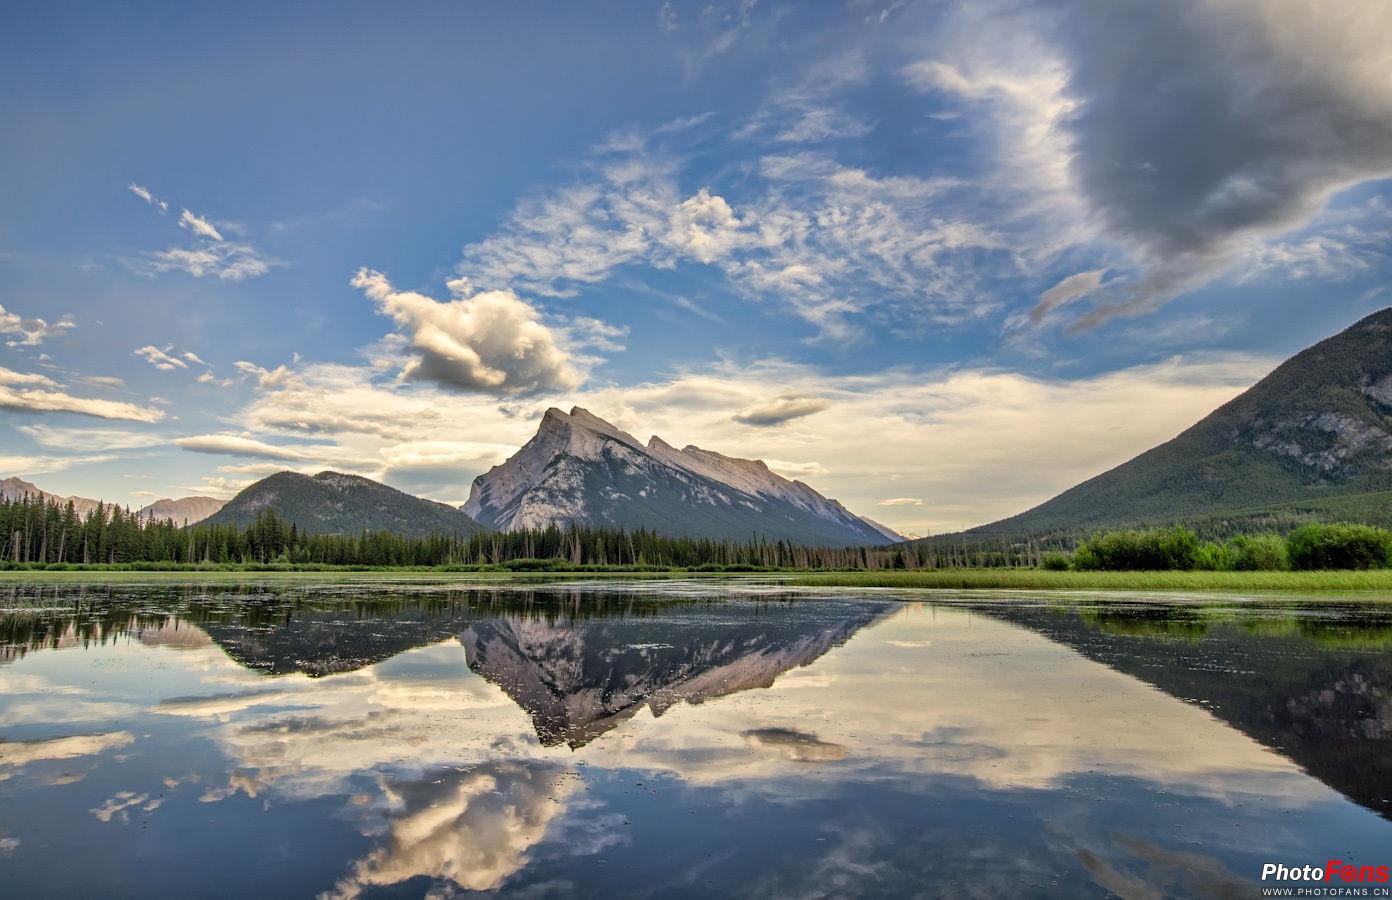 倒映唯美风景 湖面倒影拍摄技巧